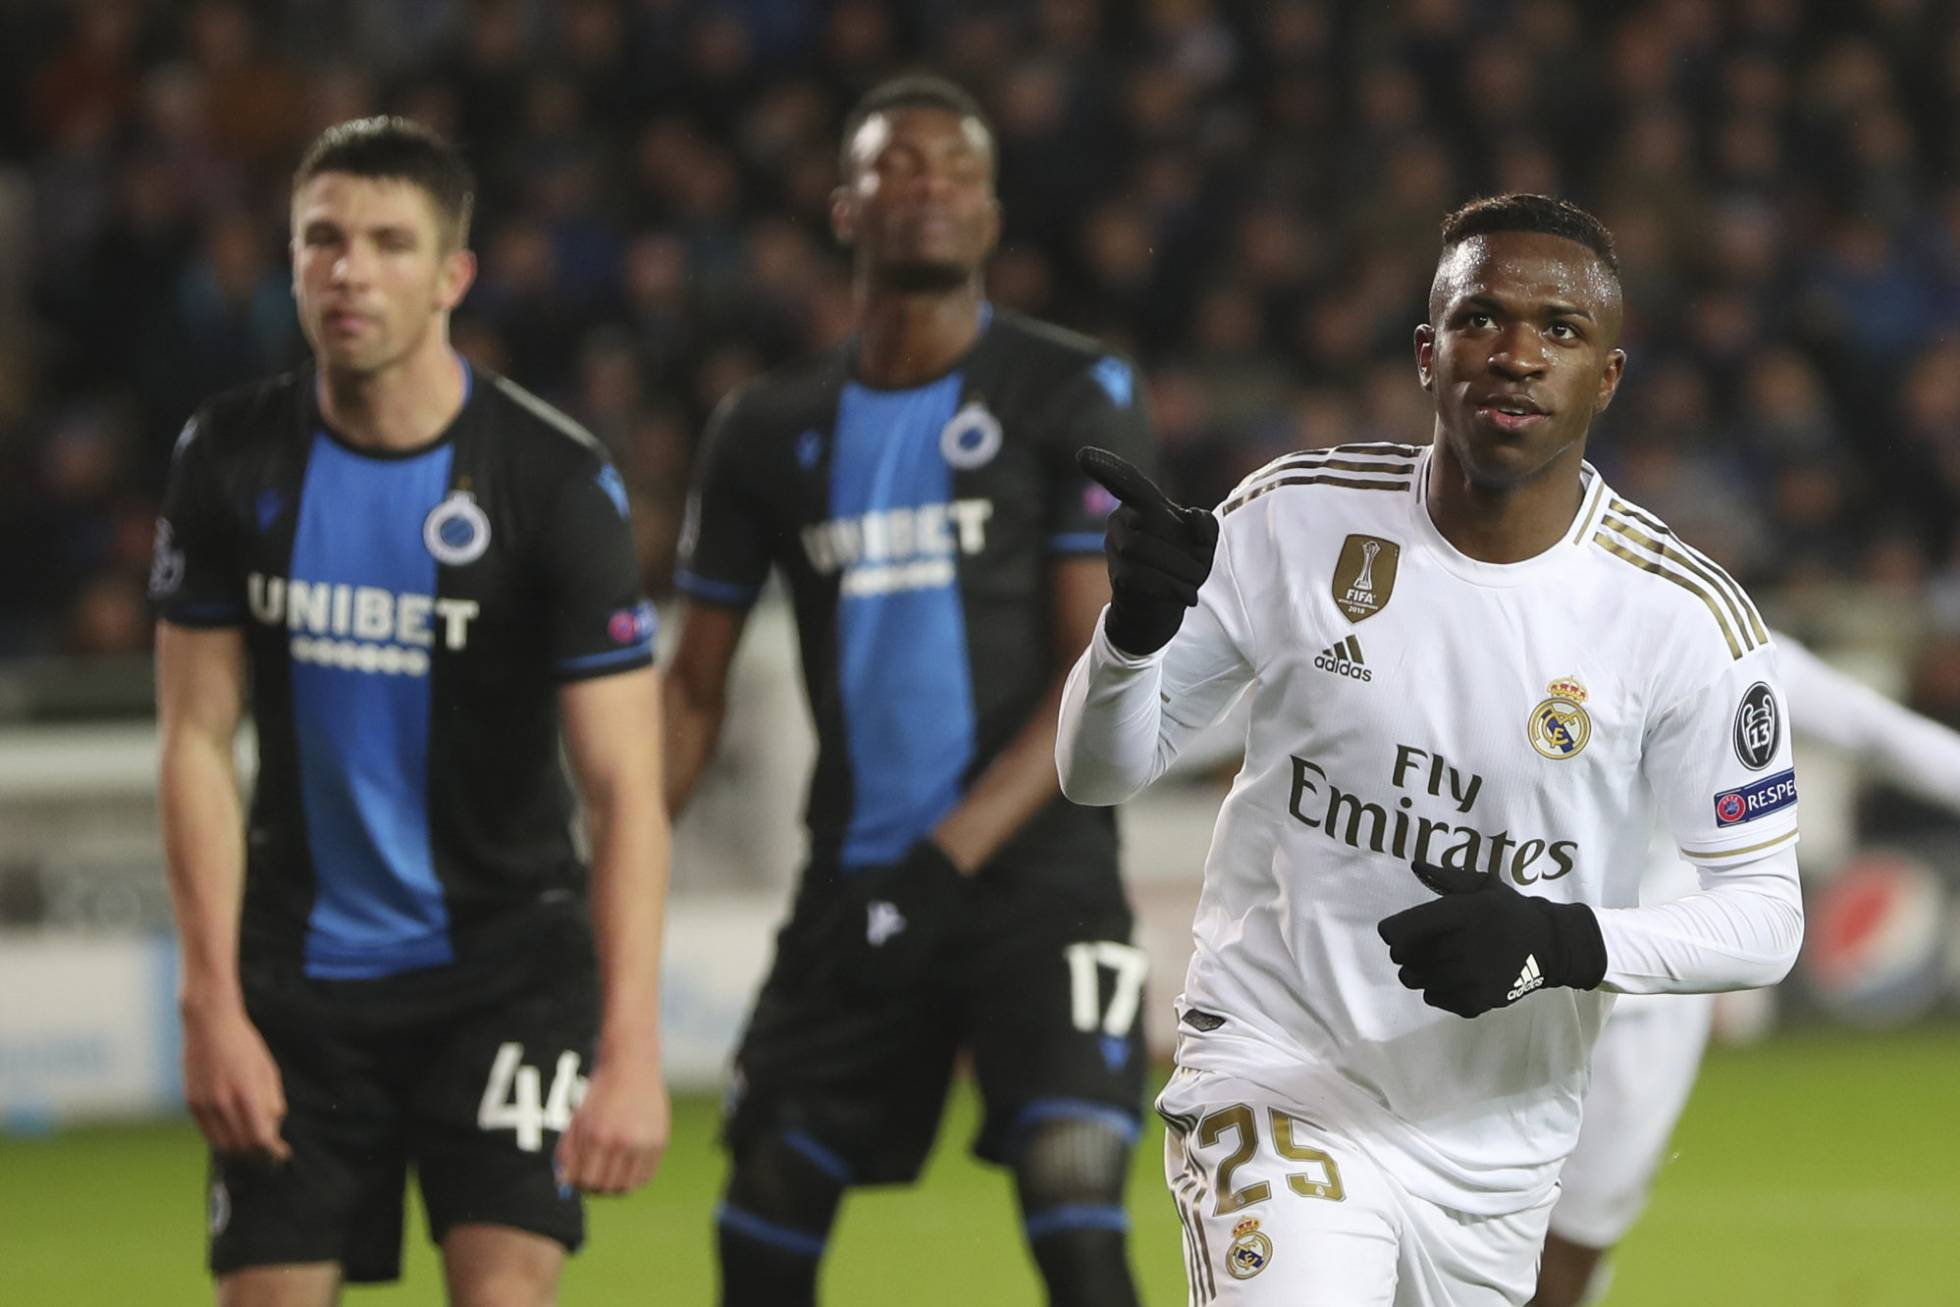 El Real Madrid, ya clasificado, cumplió con su tramite en Belgica y le gano a las Brujas (Vídeo) 1576088145_943554_1576101081_noticia_normal_recorte1